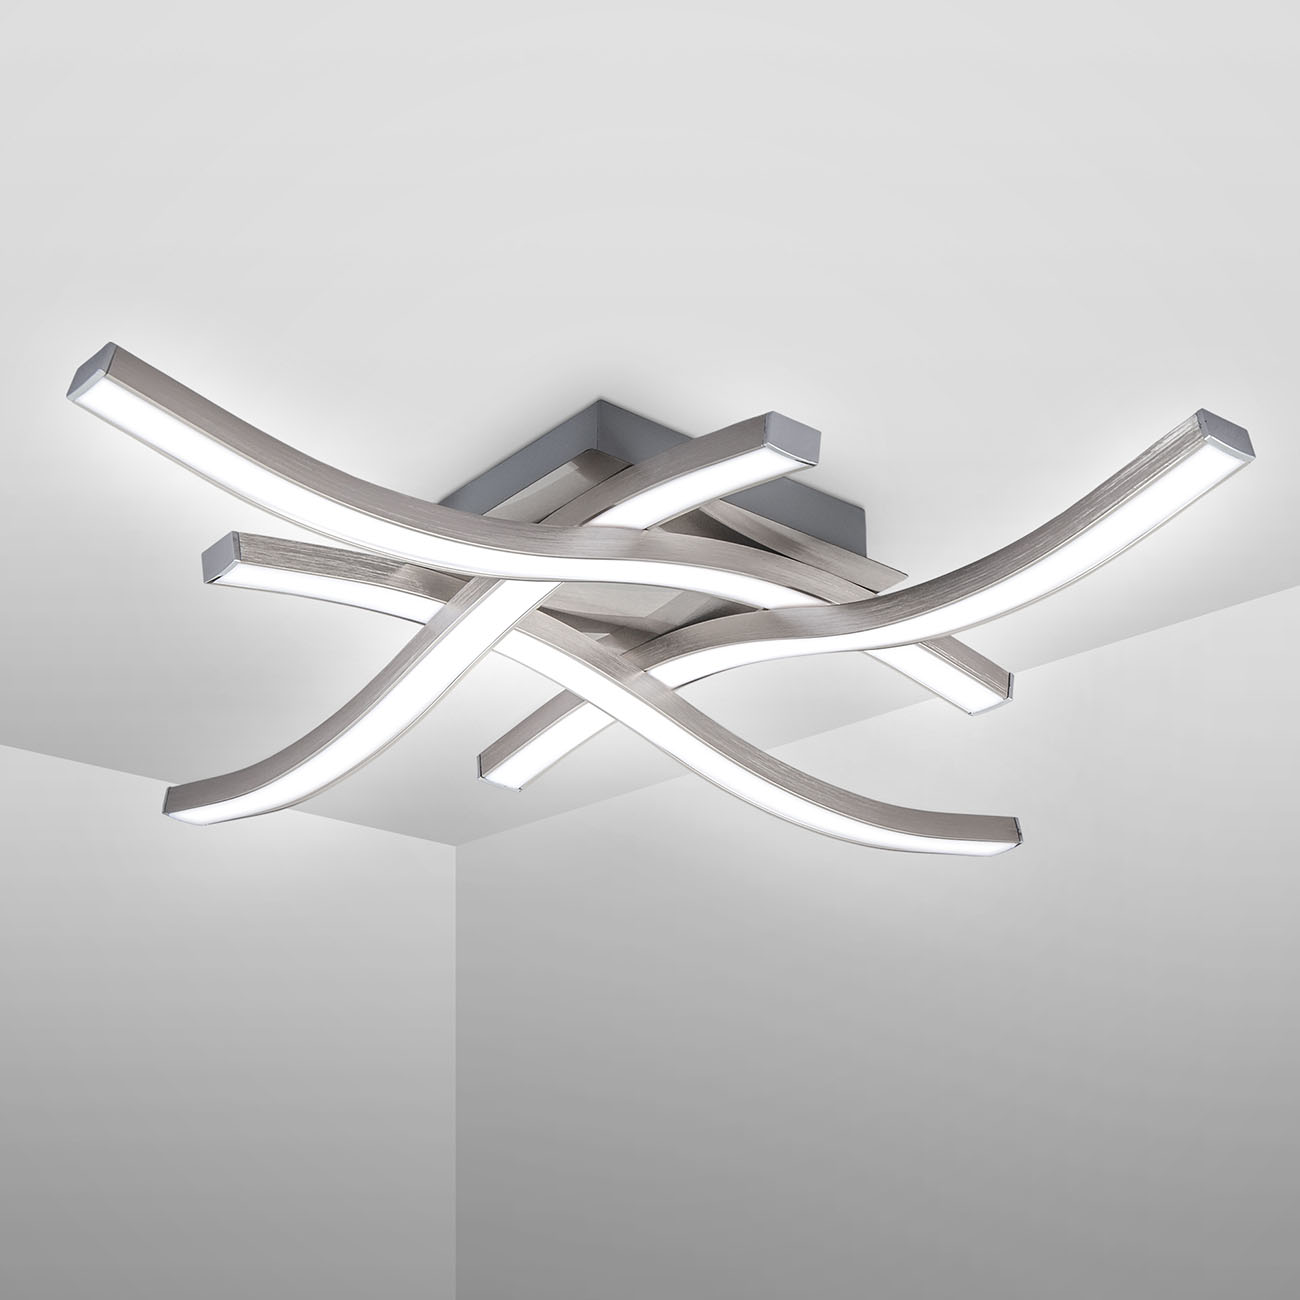 LED Deckenleuchte 4-flammig in Wellenform - 3